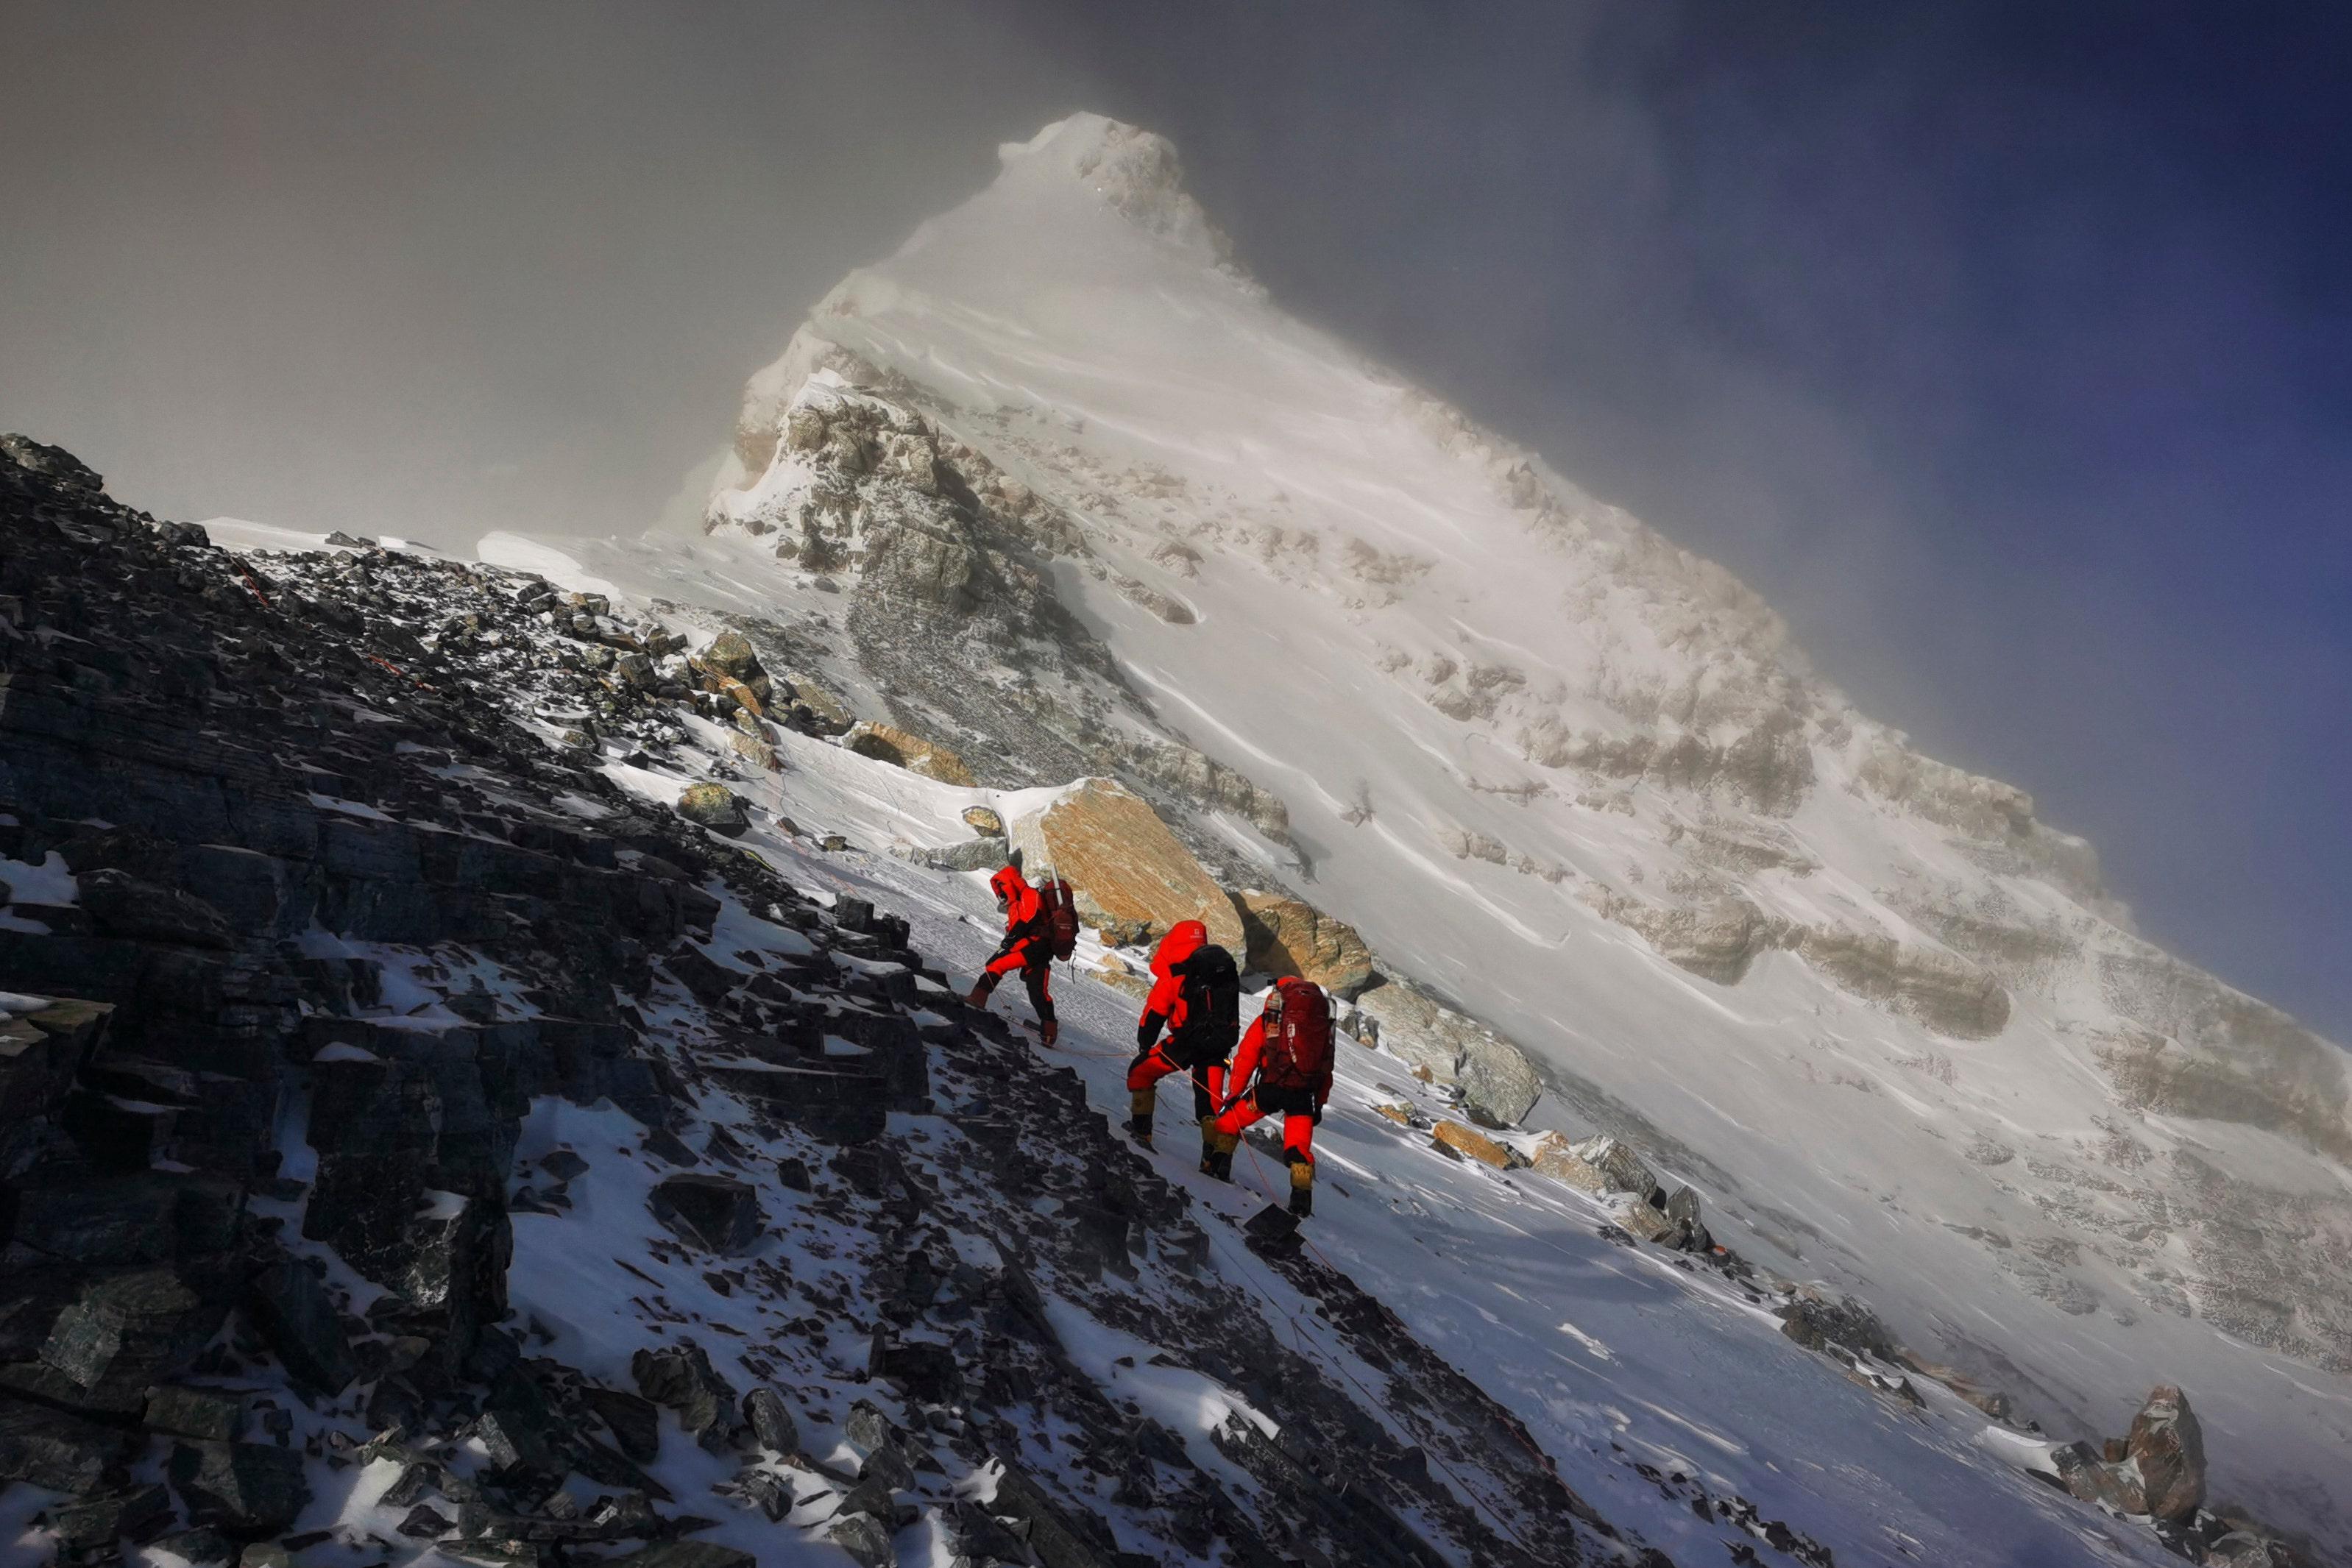 Mount Everest has grown taller – Fox News